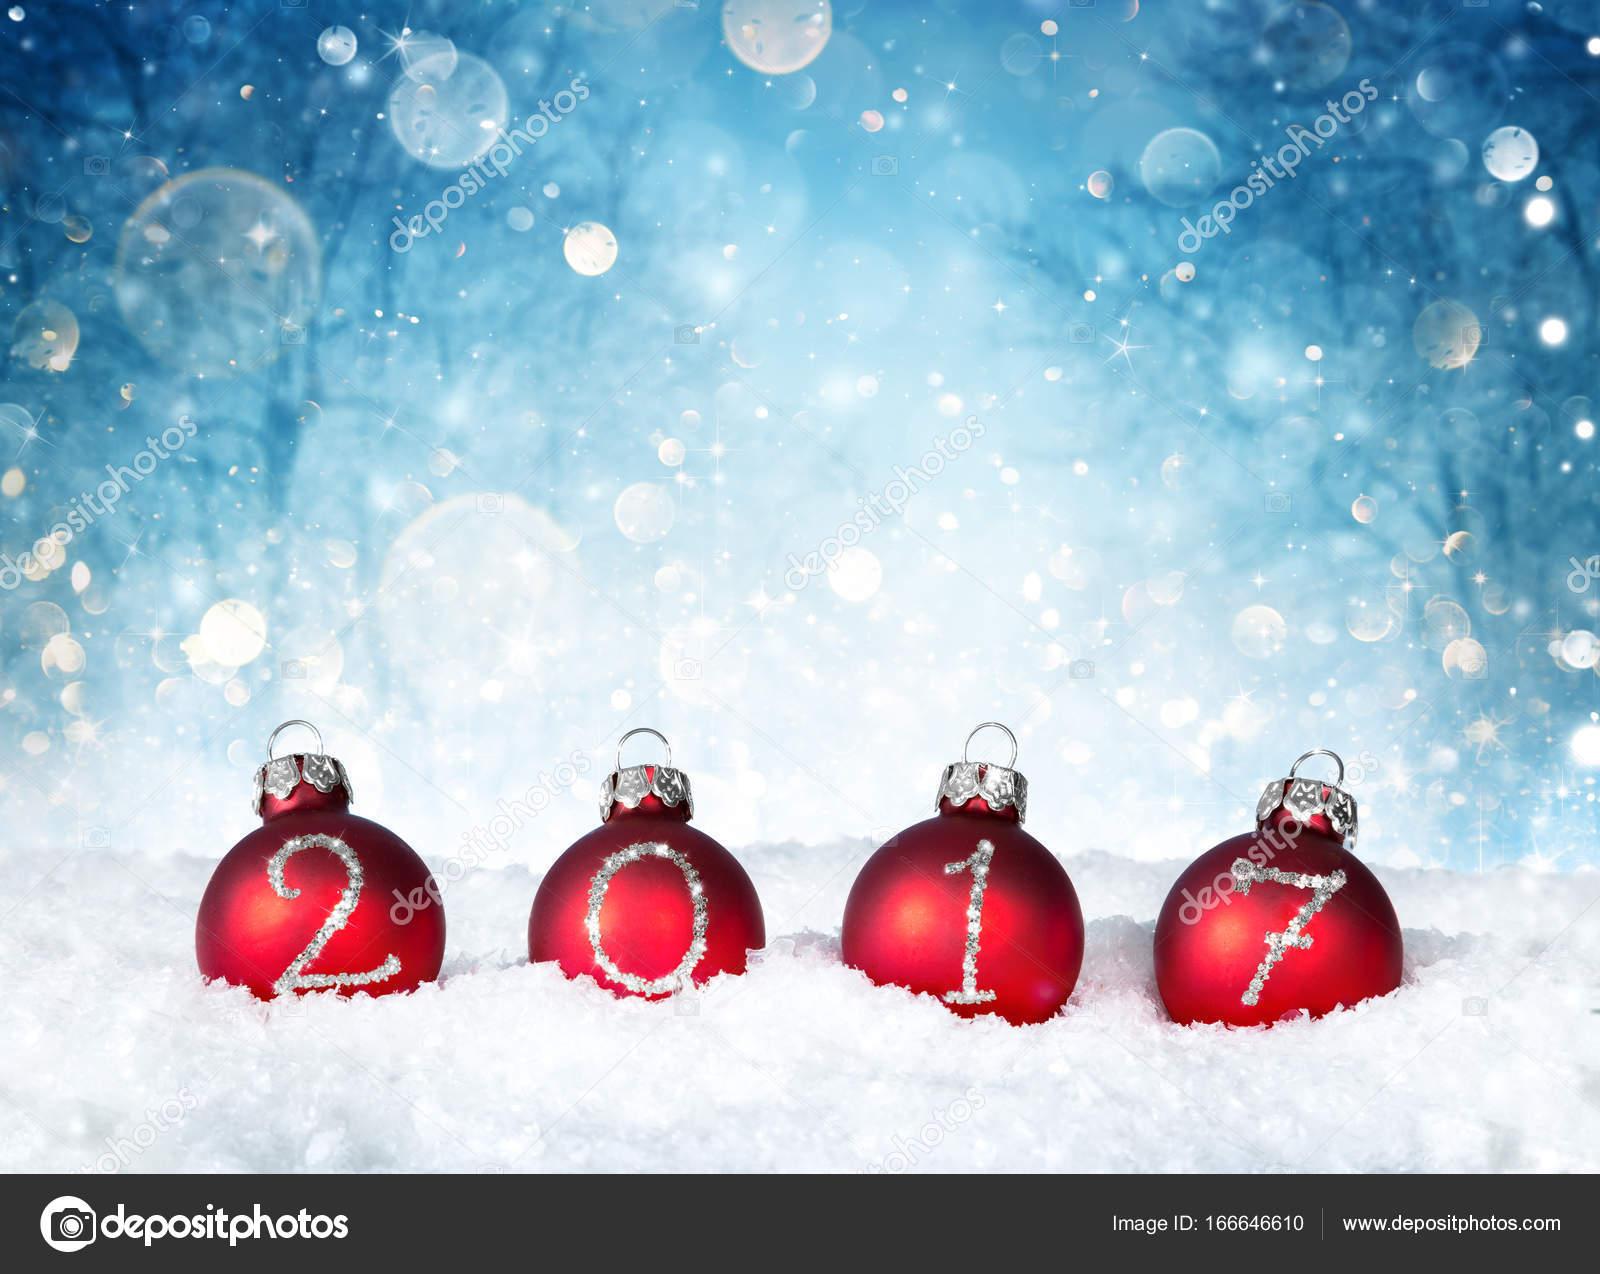 Feliz navidad bolas decoradas con escrito 2017 foto de for Adornos navidenos 2017 trackid sp 006